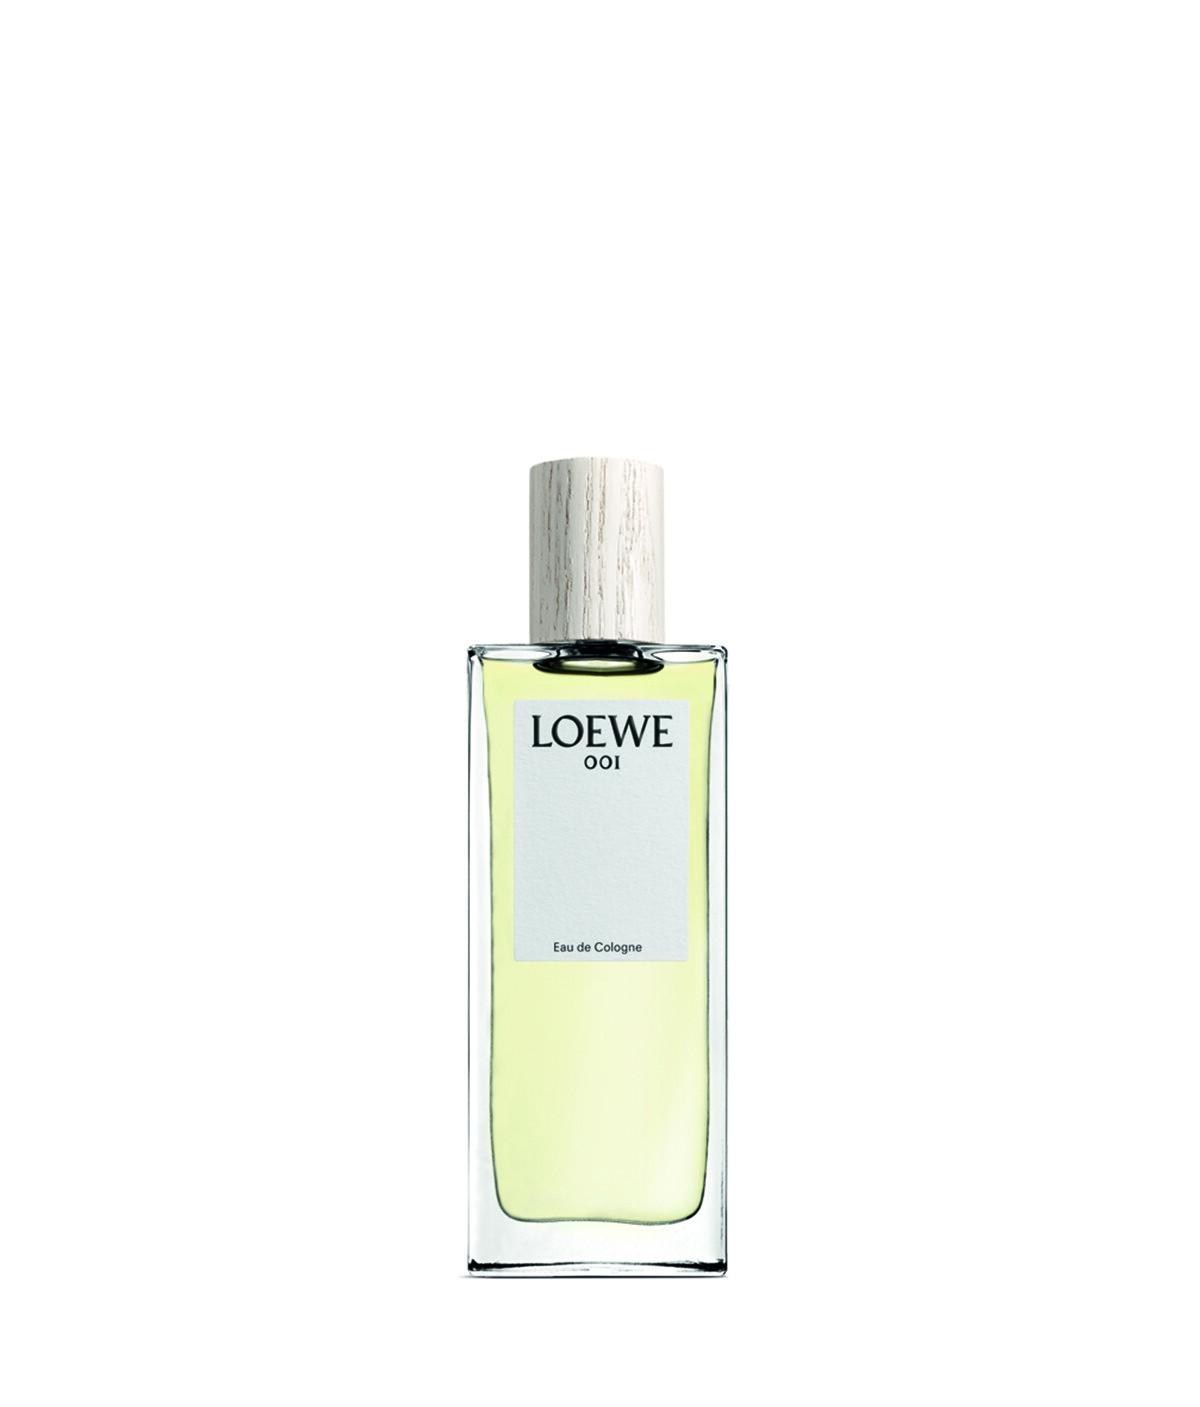 LOEWE Loewe 001 Edc 50Ml Colourless front